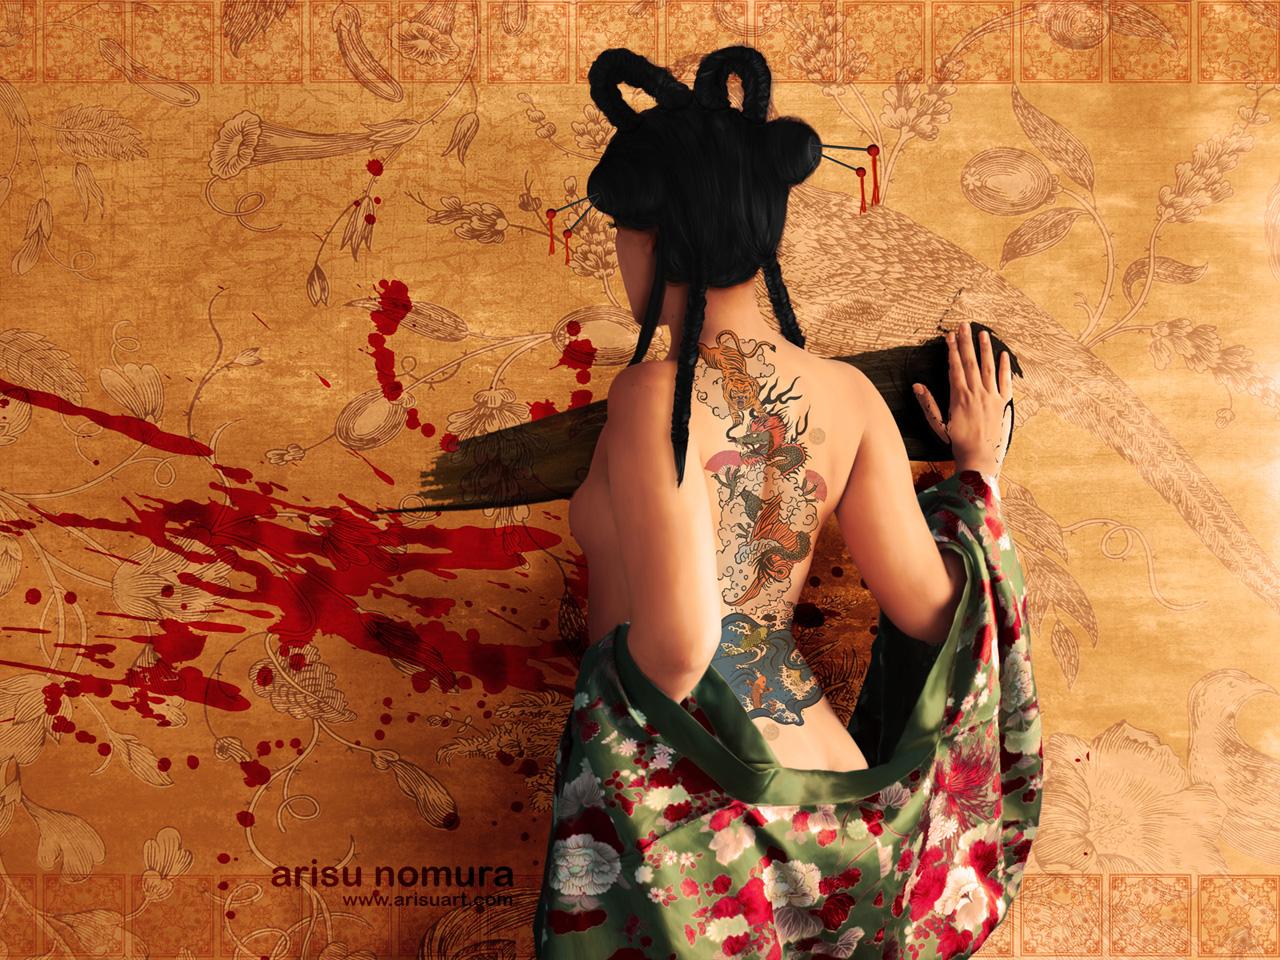 http://1.bp.blogspot.com/-7d86GEAhHYE/TgLv5Pz6JCI/AAAAAAAACCc/O1bPO750W_g/s1600/Tiger+Girl+Tattoo-461776.jpeg